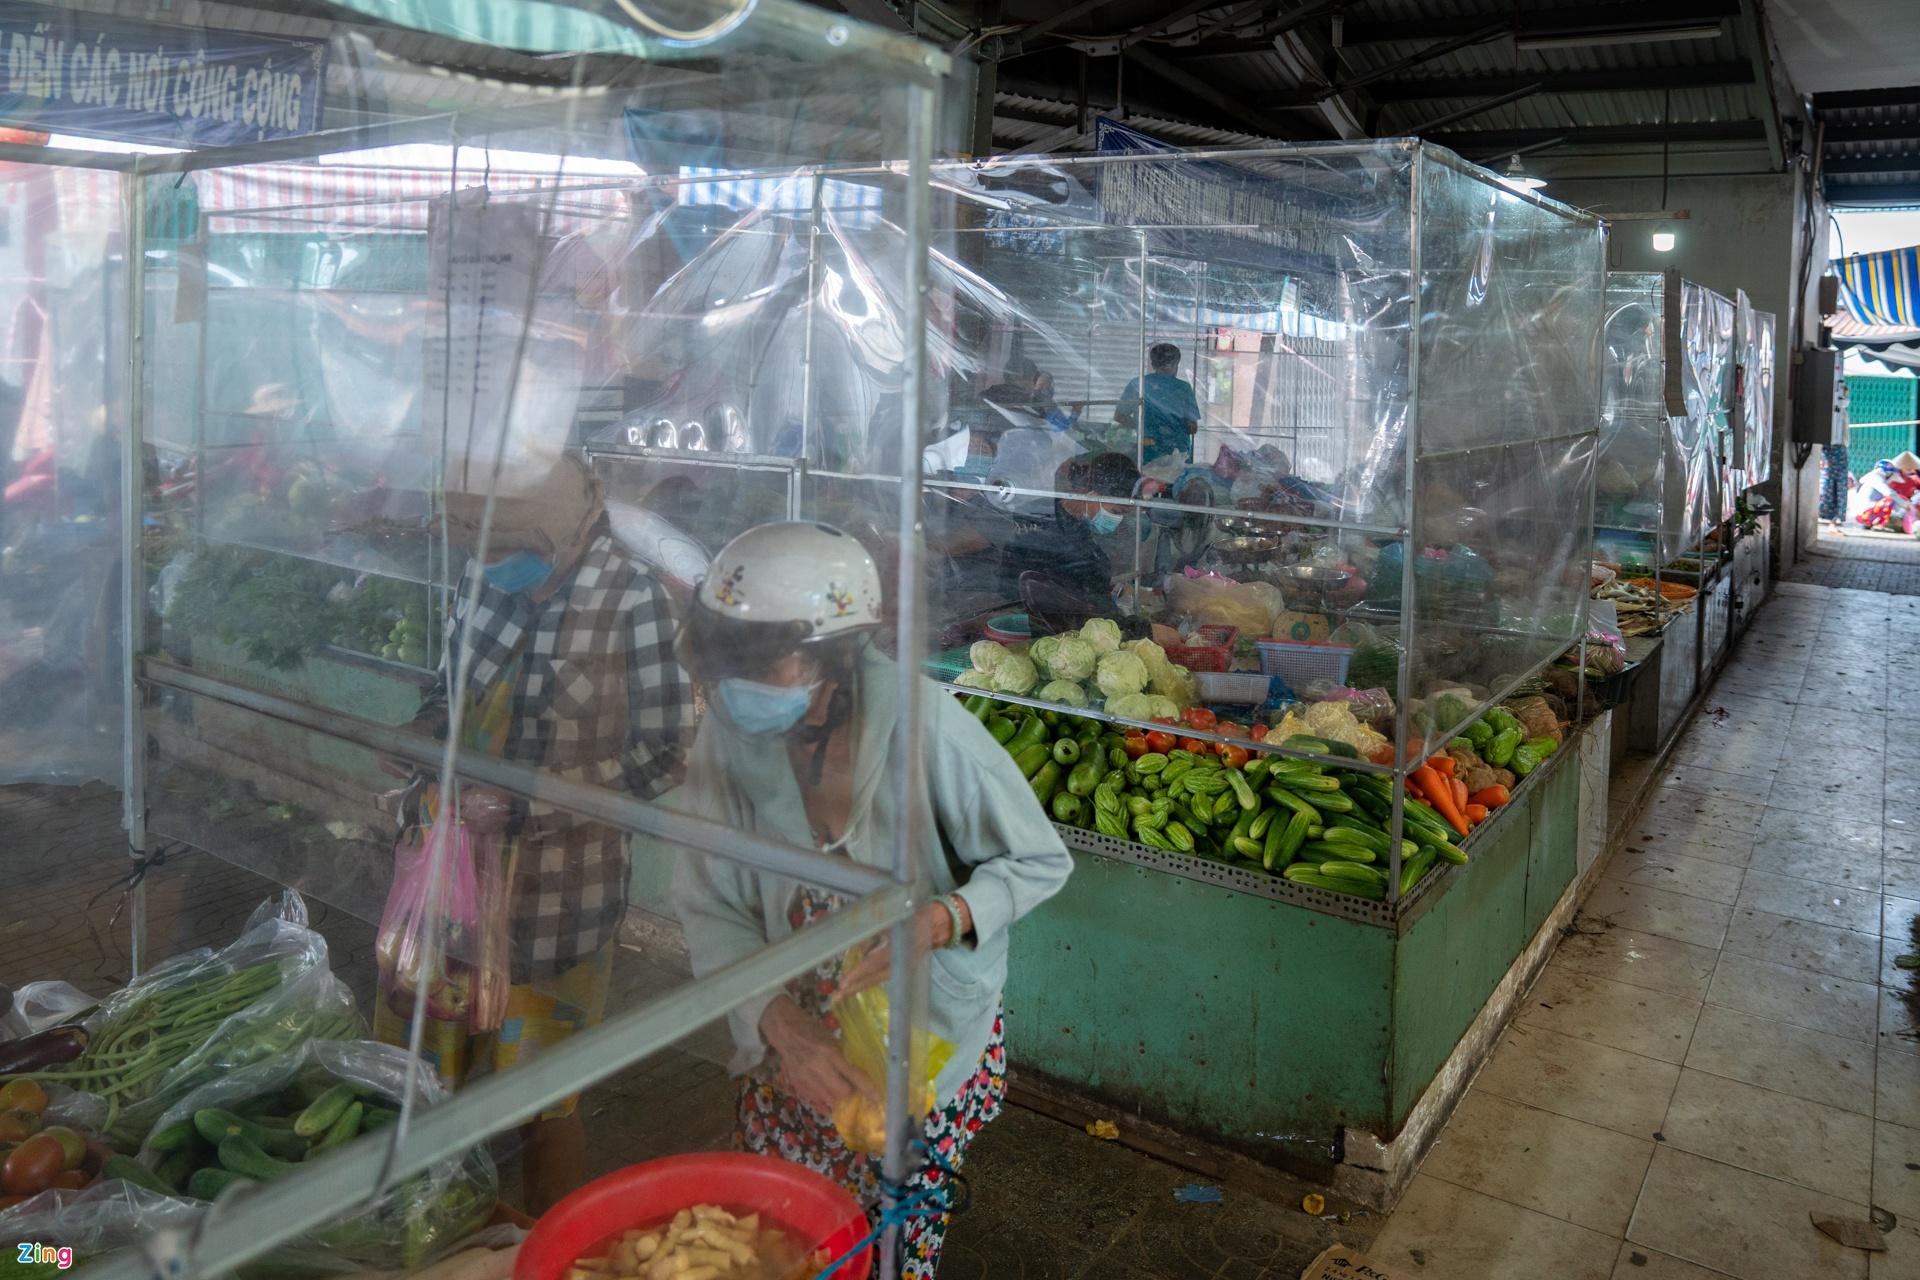 Giá rau củ tại chợ TP.HCM hạ nhiệt, người đến siêu thị giảm mạnh - Ảnh 3.